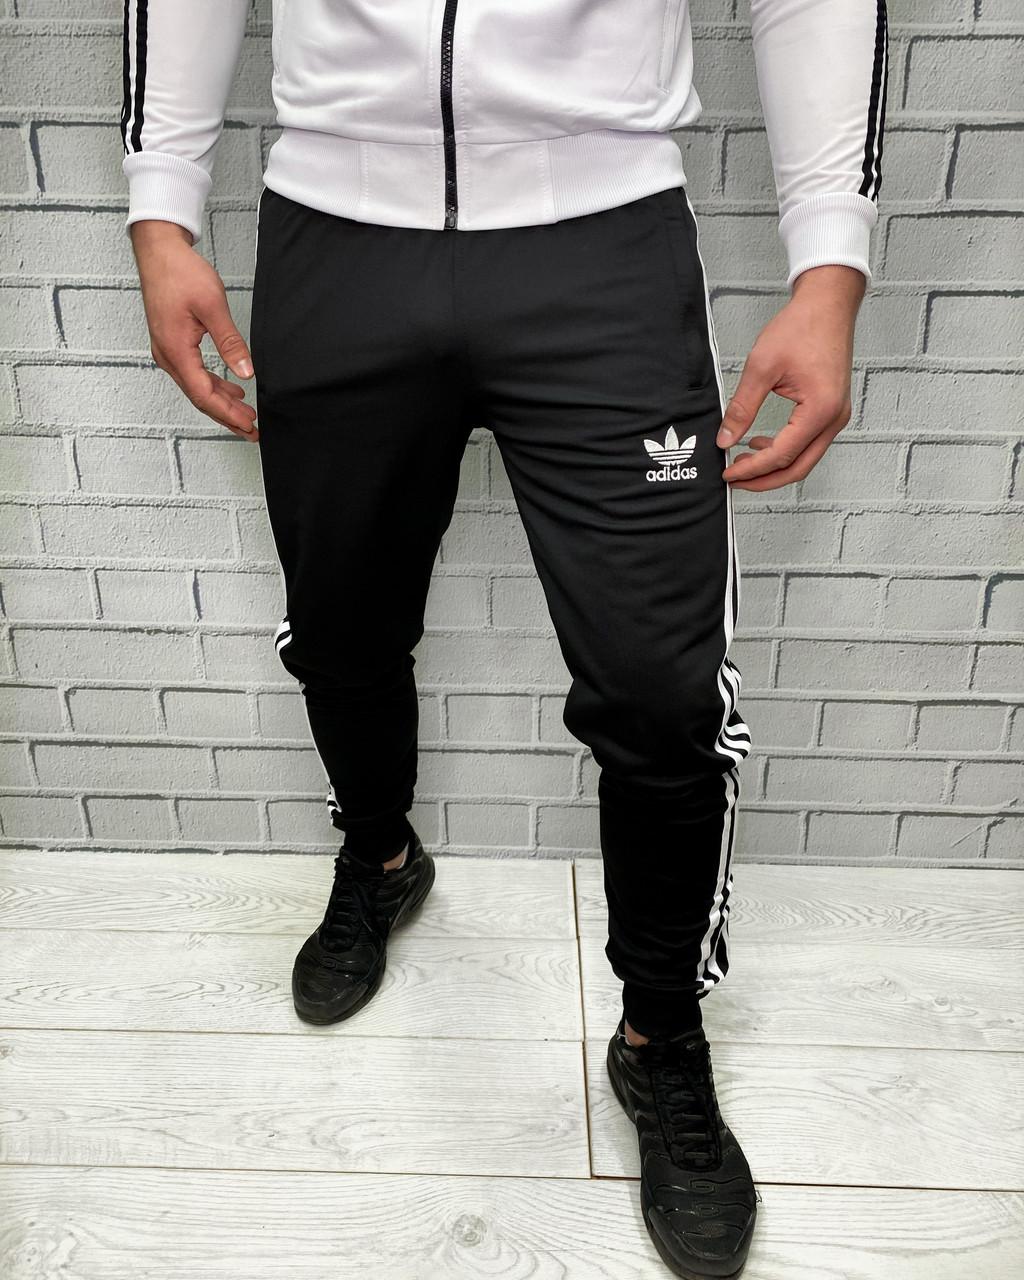 Штаны спортивные Adidas Белый Штаны на манжете и резинки Мужская спортивная одежда XL